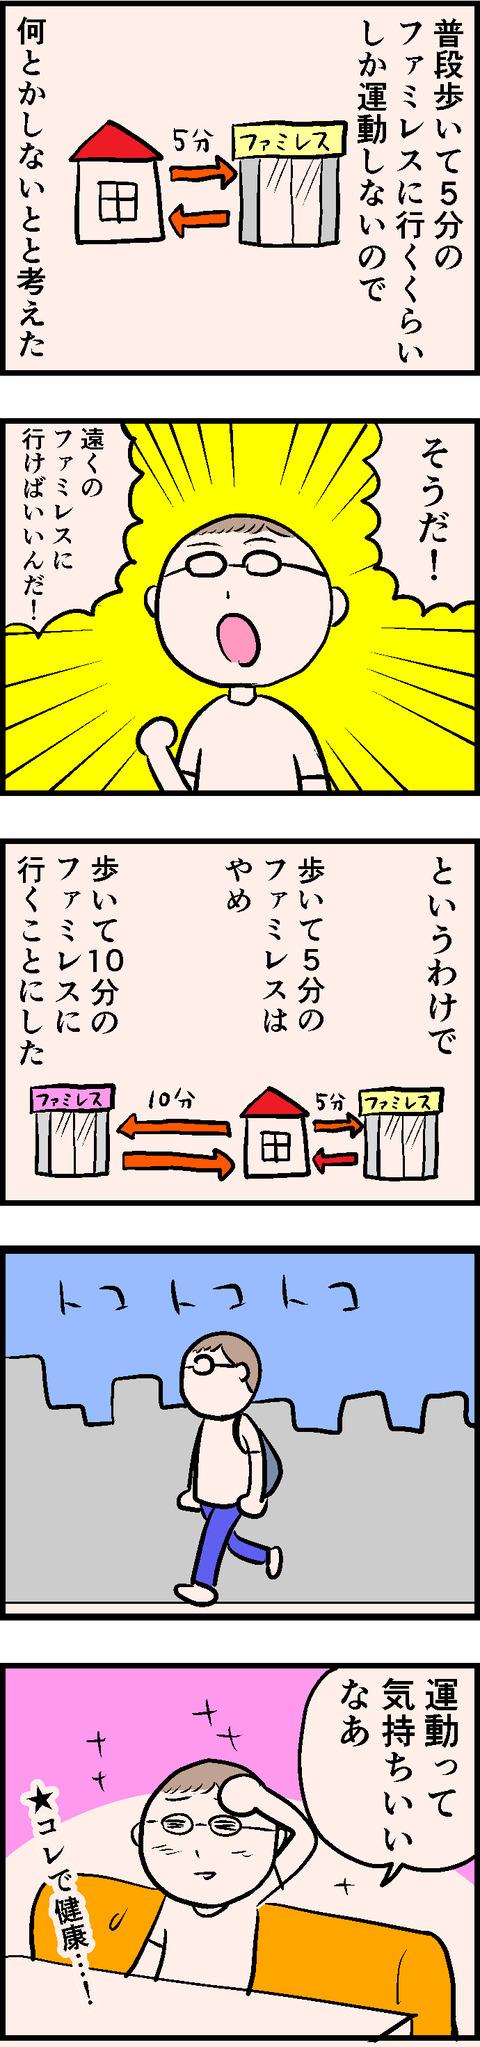 日記漫画(縦)